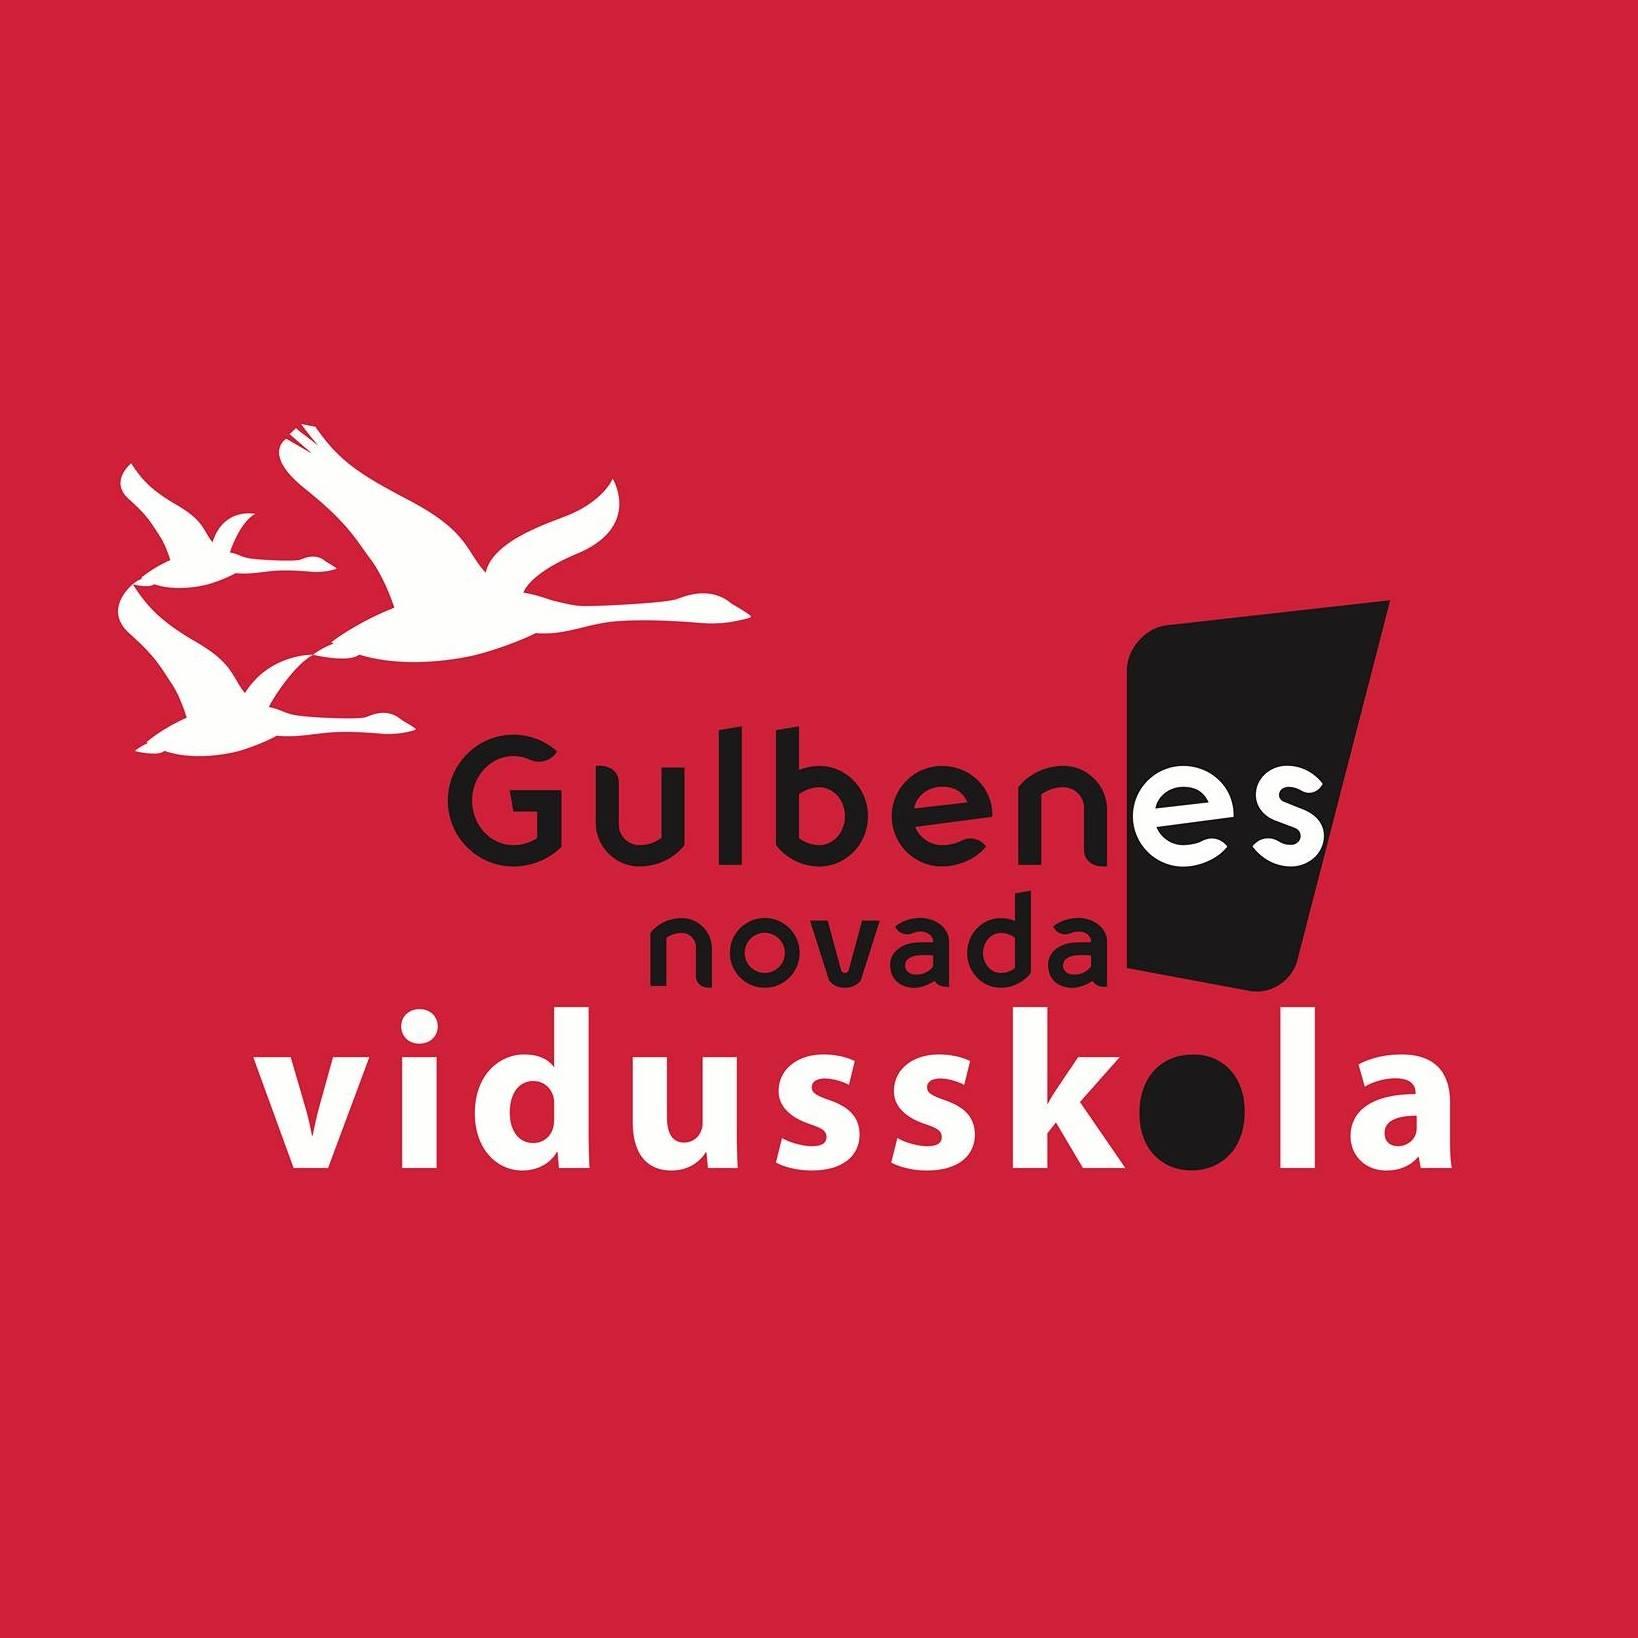 Gulbenes novada vidusskolas vecākā lietveža amatam pieteikties līdz 18.10.2021.